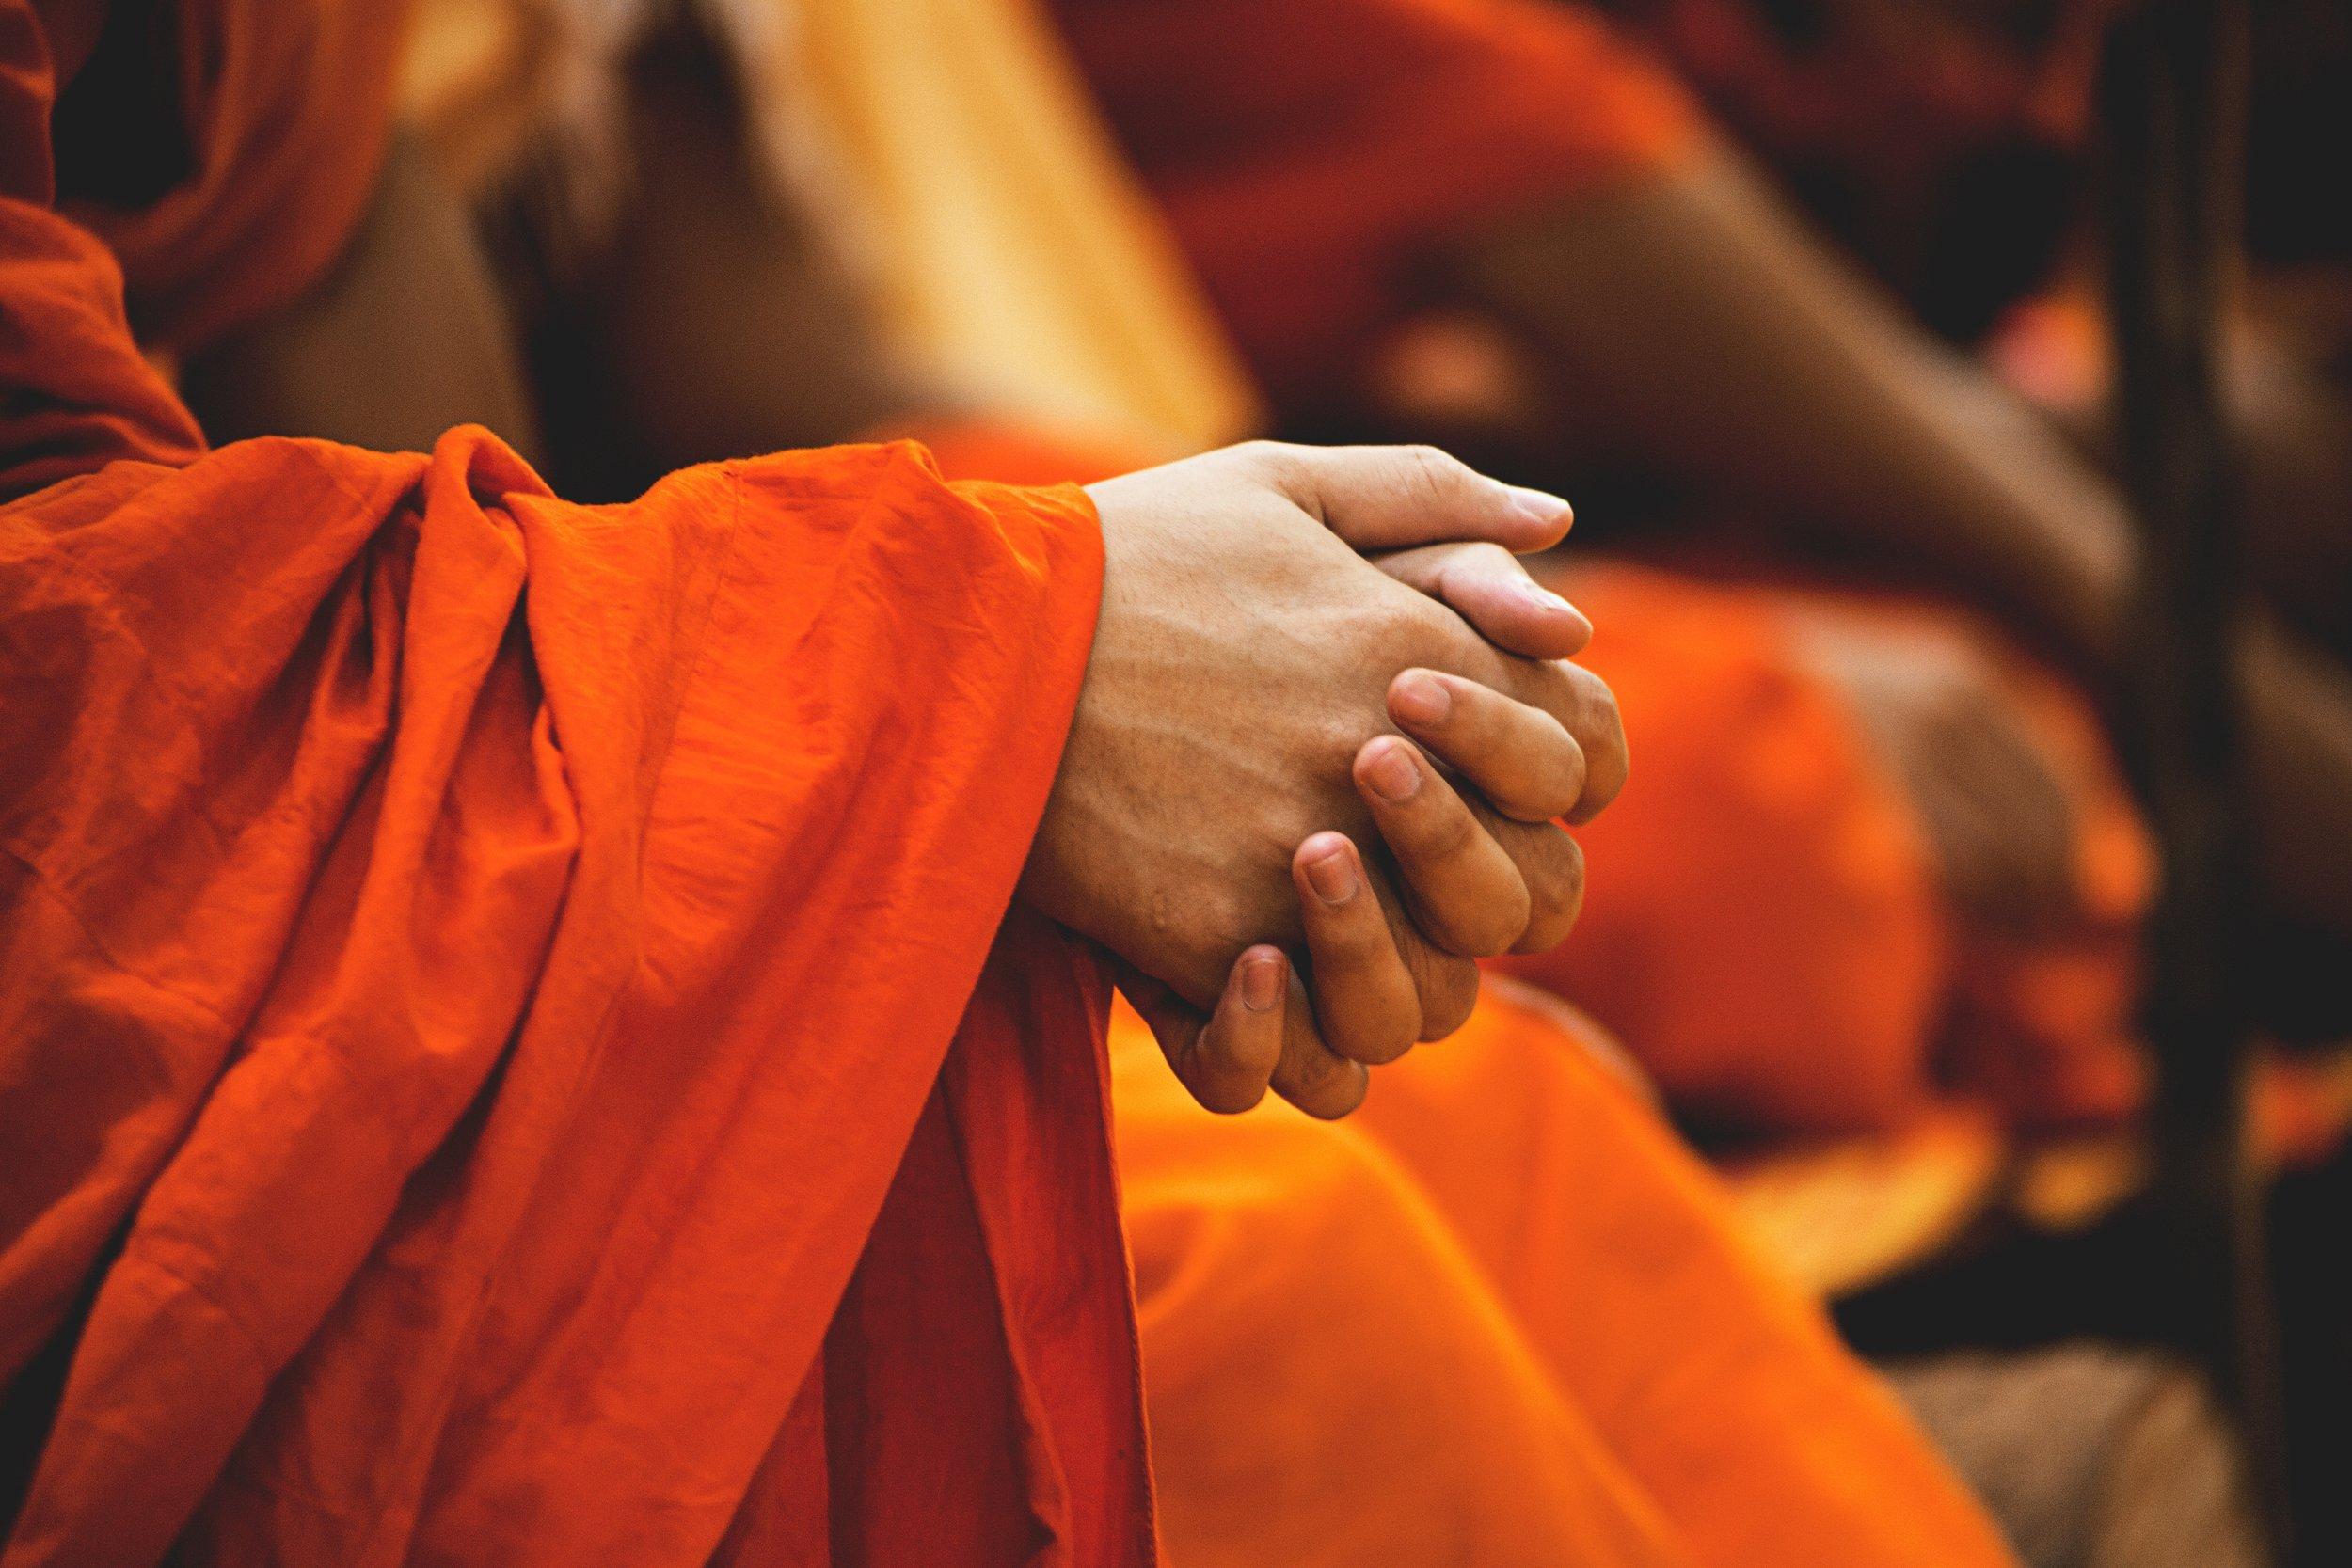 在佛像前双手紧握,用低沉的嗓音虔诚祷告